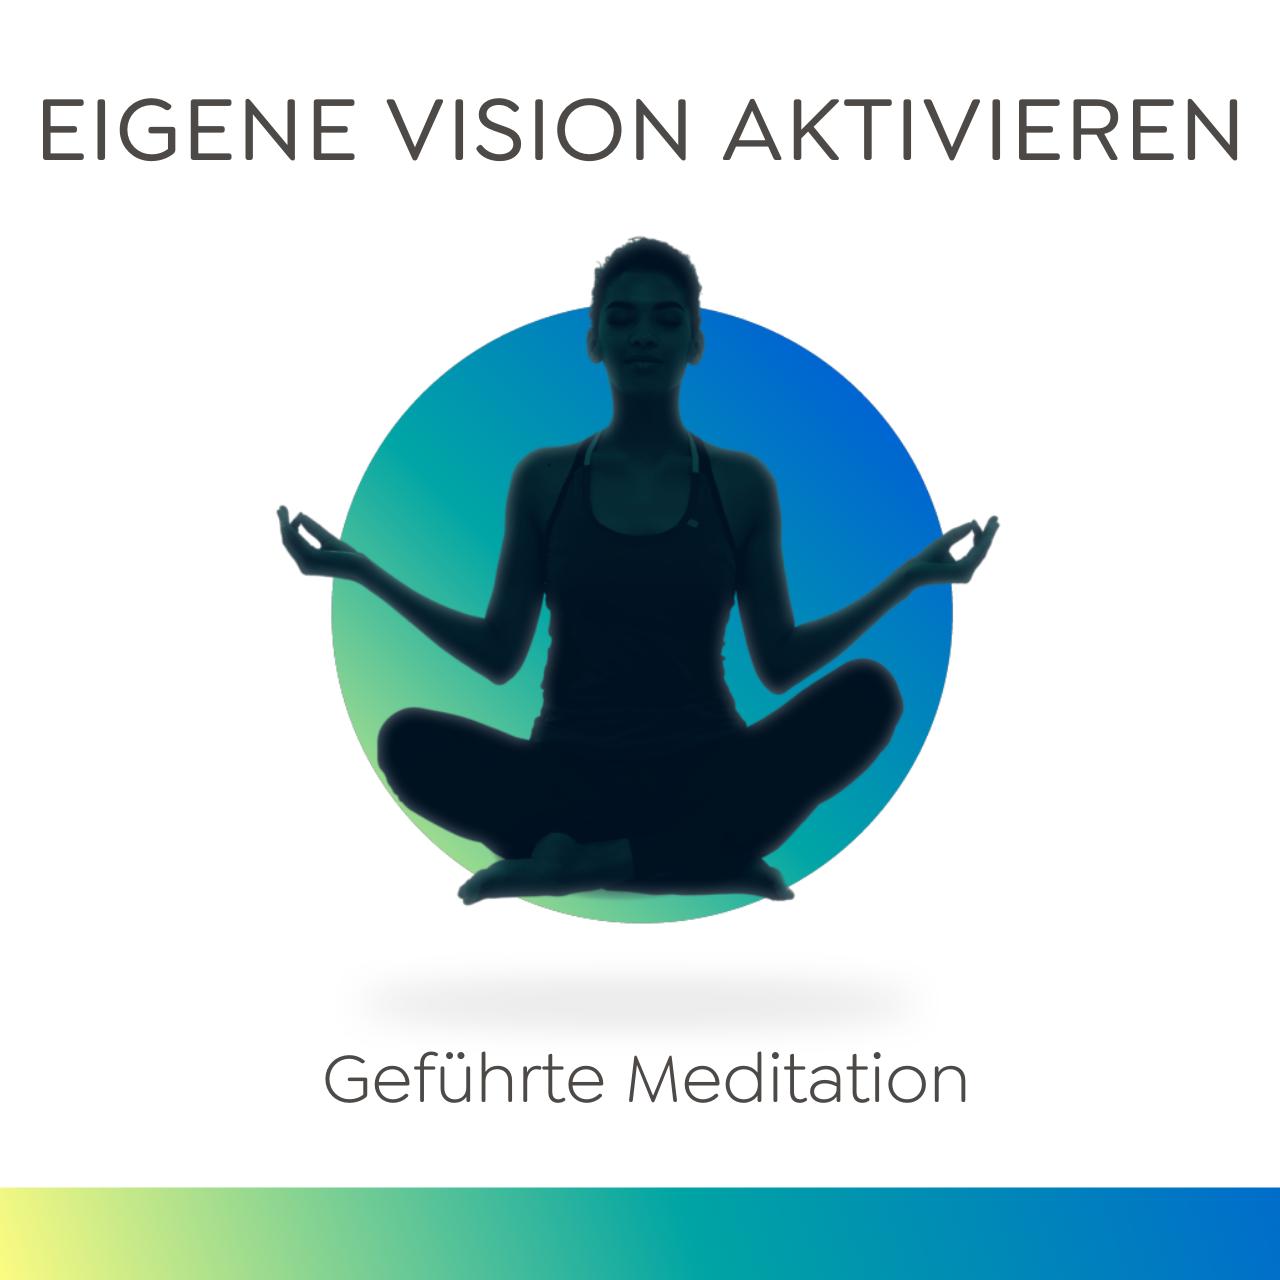 Geführte Meditation - Endlich die eigenen Ziele erreichen durch Visualisierung